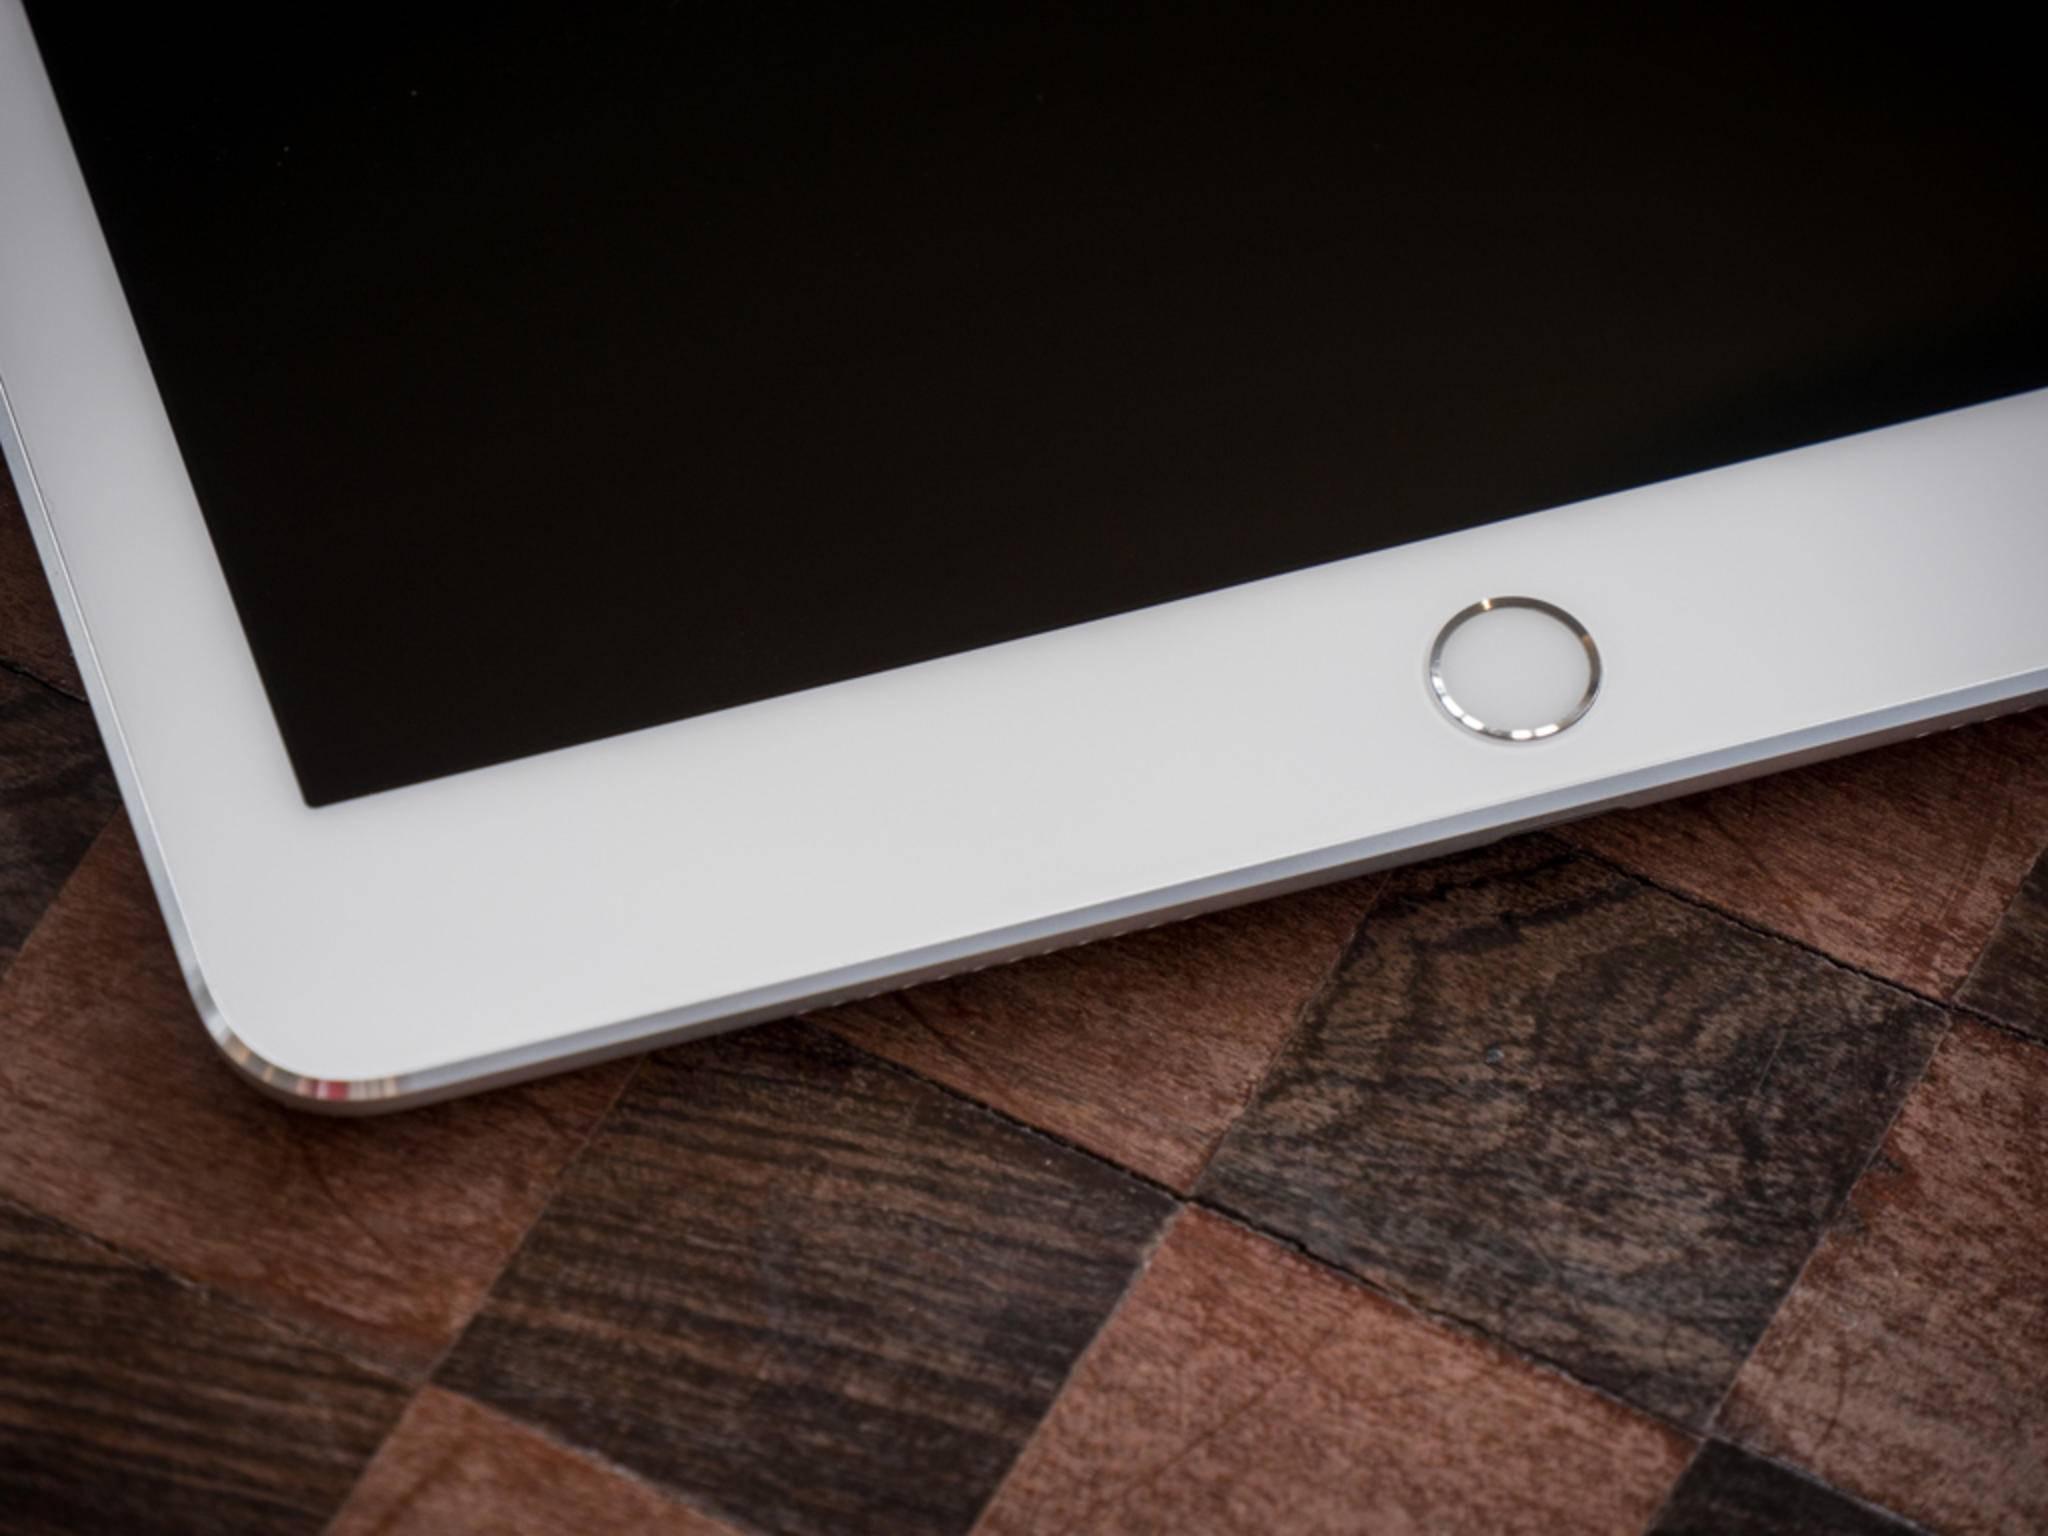 Wenn das iPad nicht mehr startet, musst Du es eventuell zurücksetzen.